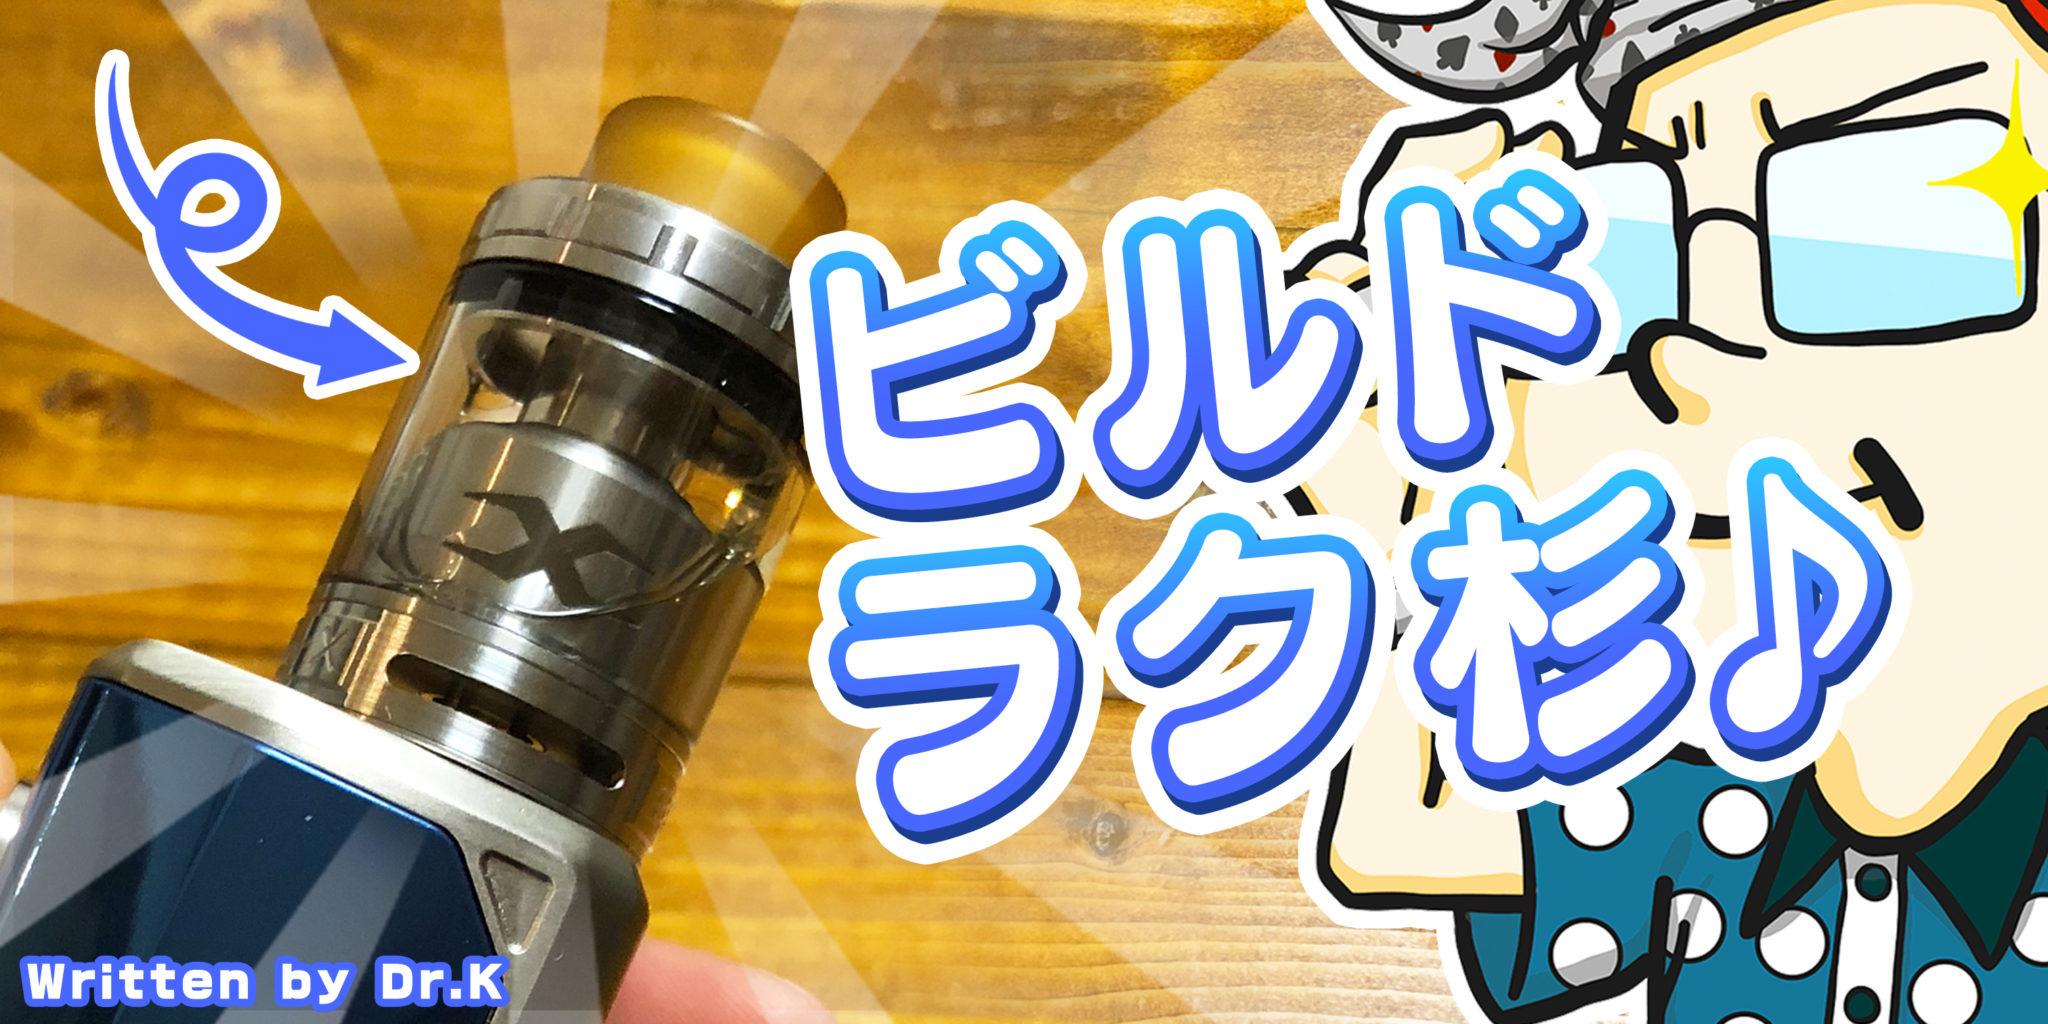 main - 【レビュー】ビルド楽すぎでしょ!! EHPRO Bachelor X RTA(バチェラー エックス)はPharaoh Mini越え??